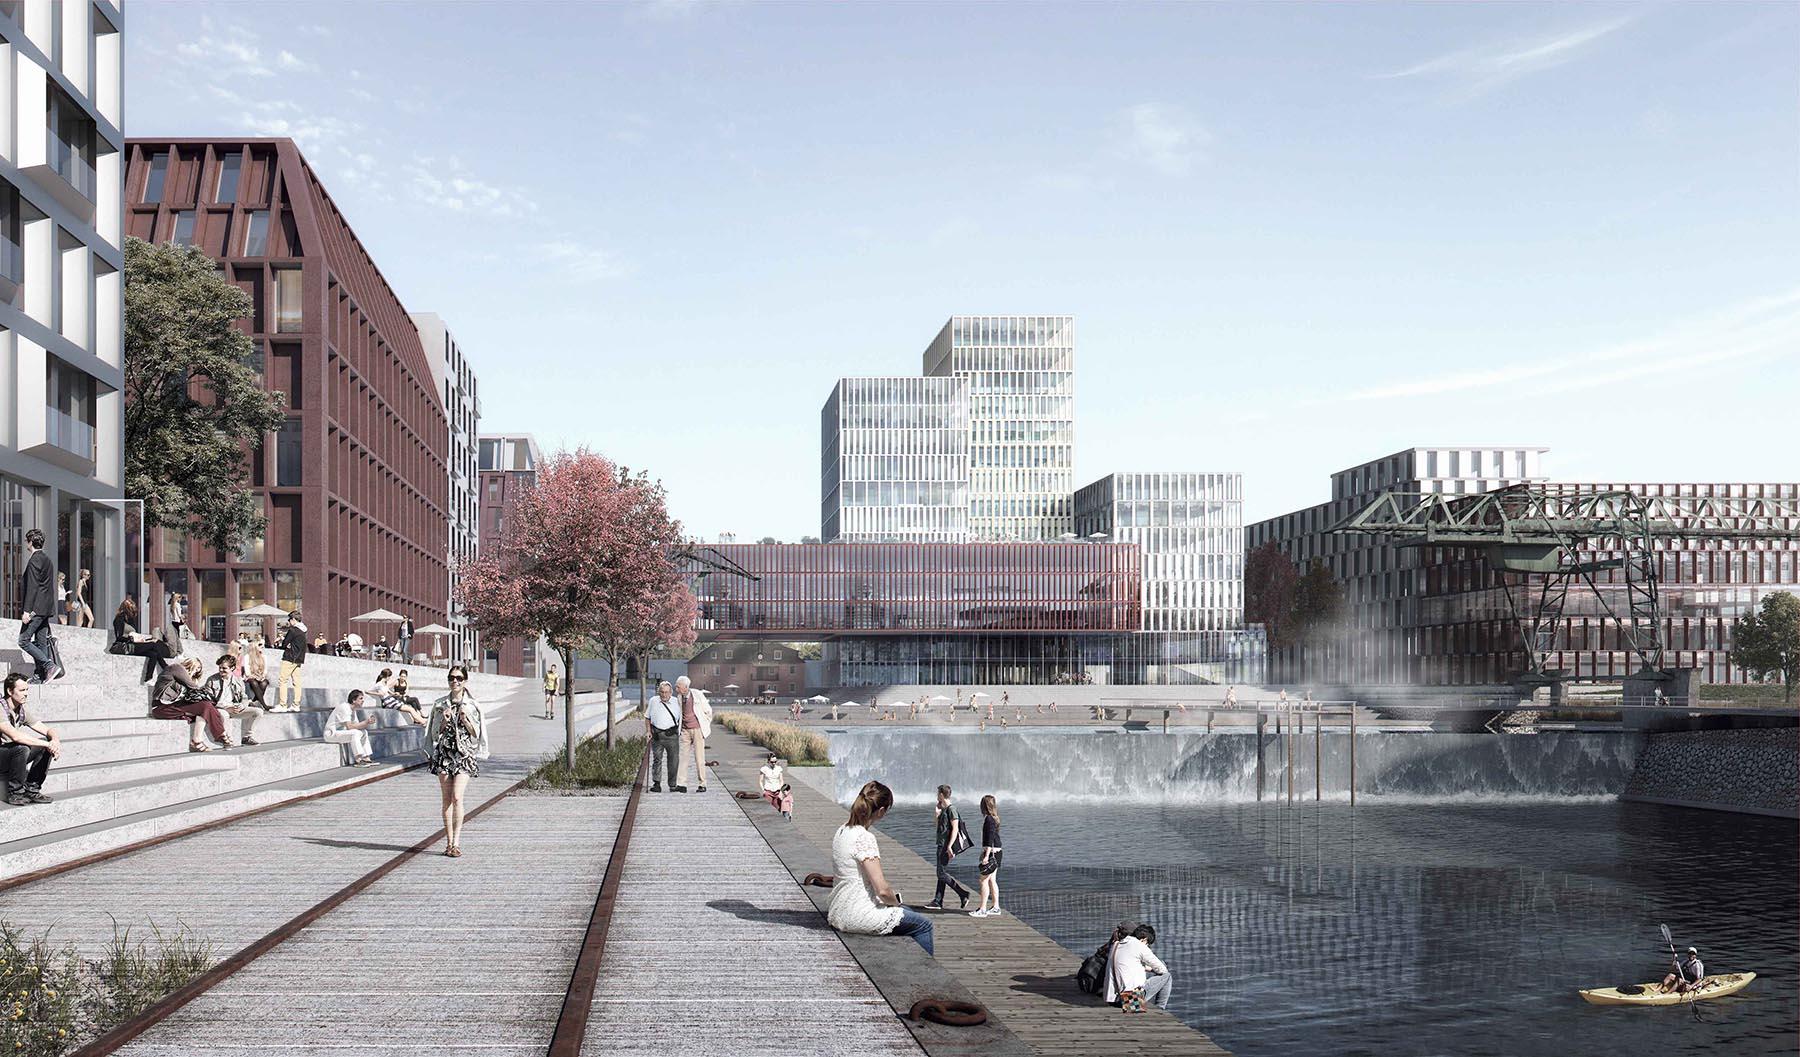 Deutzer Hafen.  Die Idee der Verantwortlichen: ein neues, lebendiges Kölner Veedel, das ein Sprungbett in die Zukunft darstellt und wo die Vergangenheit spürbar bleiben soll.